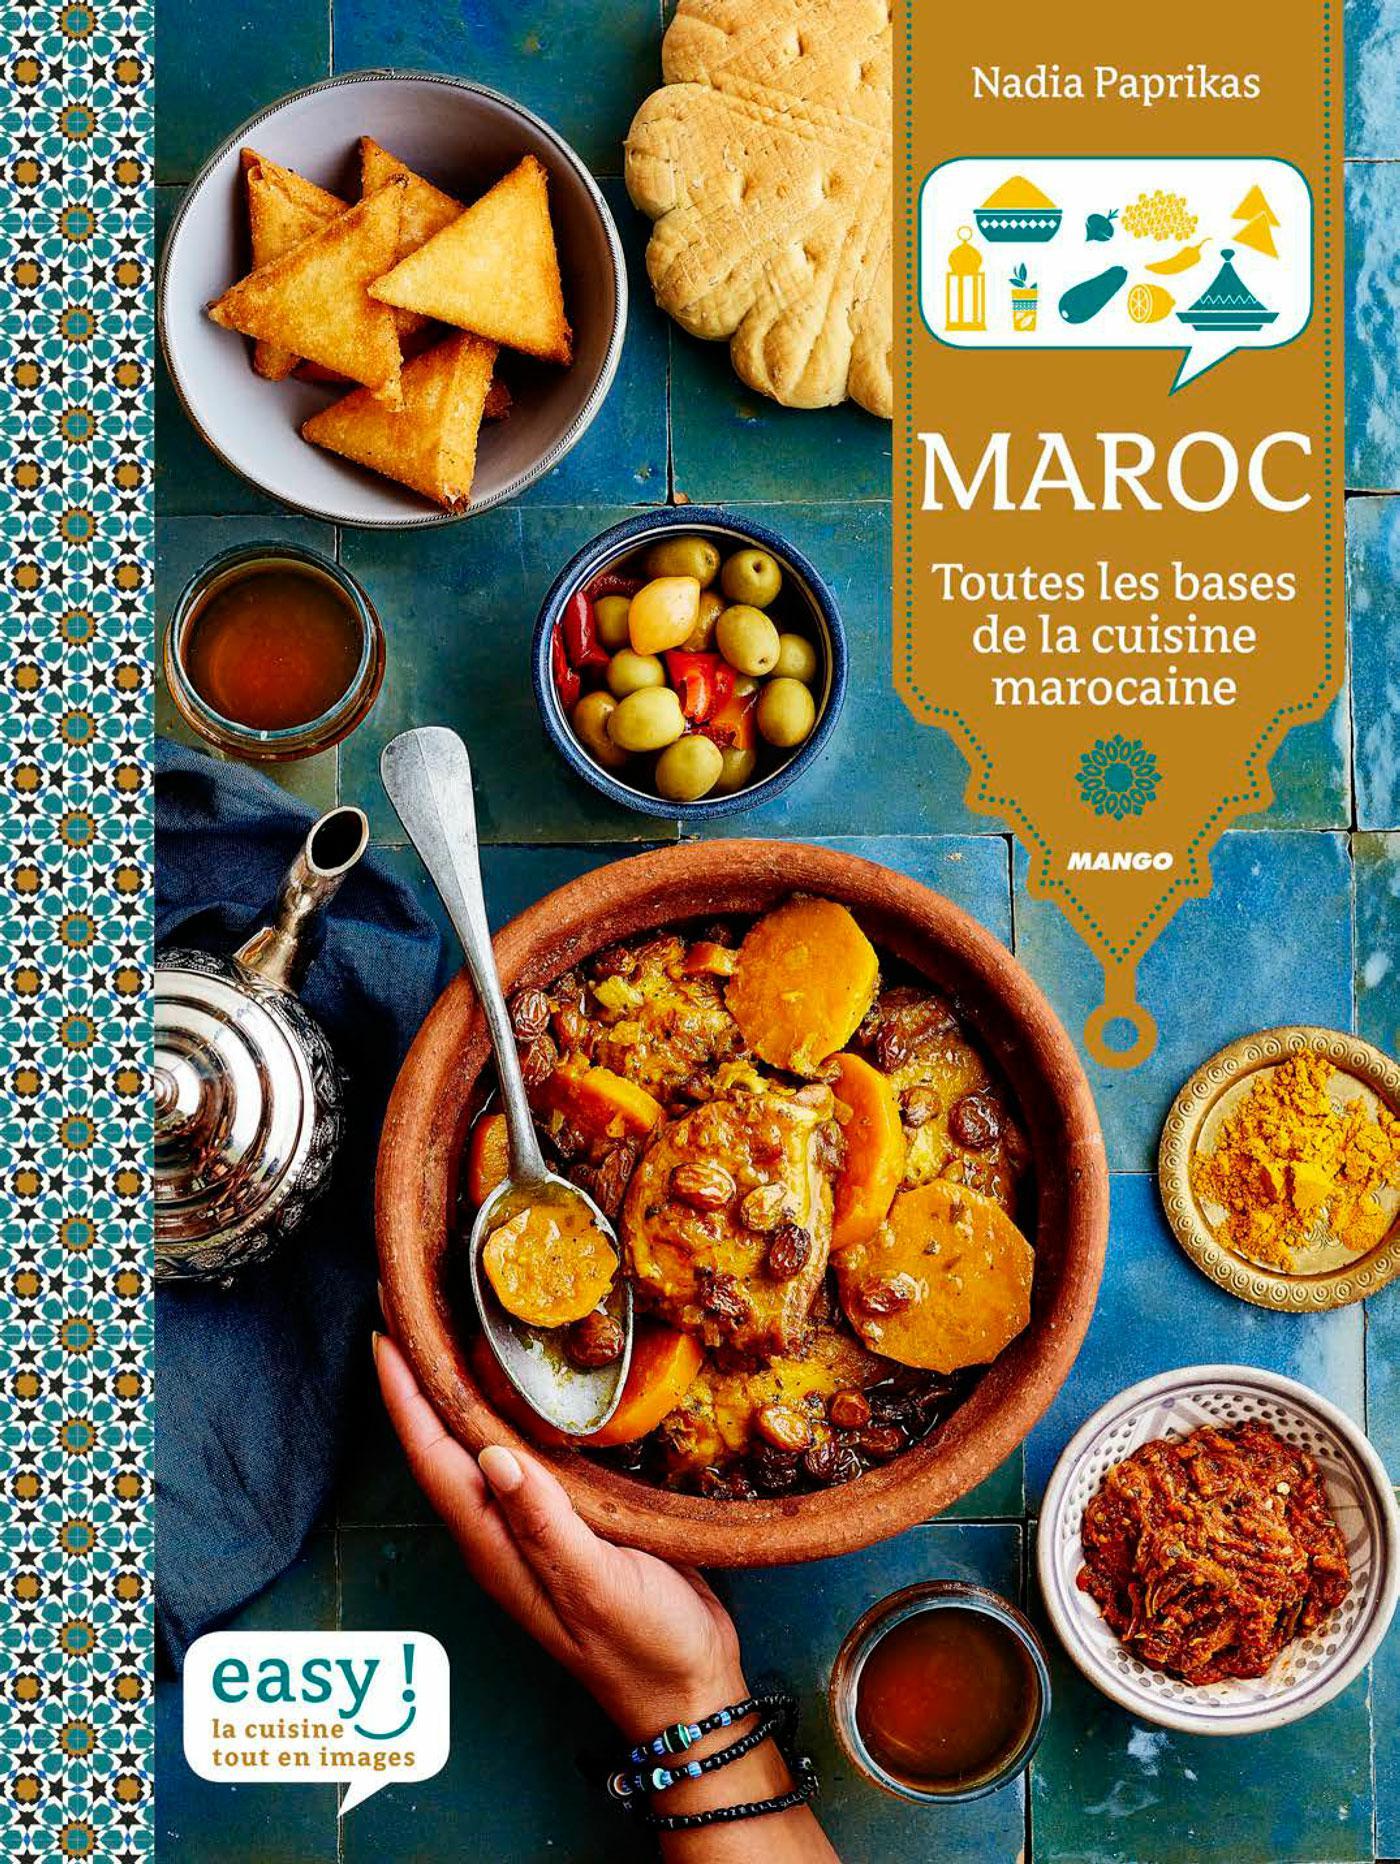 télécharger Maroc : Toutes les bases de la cuisine marocaine. Mango